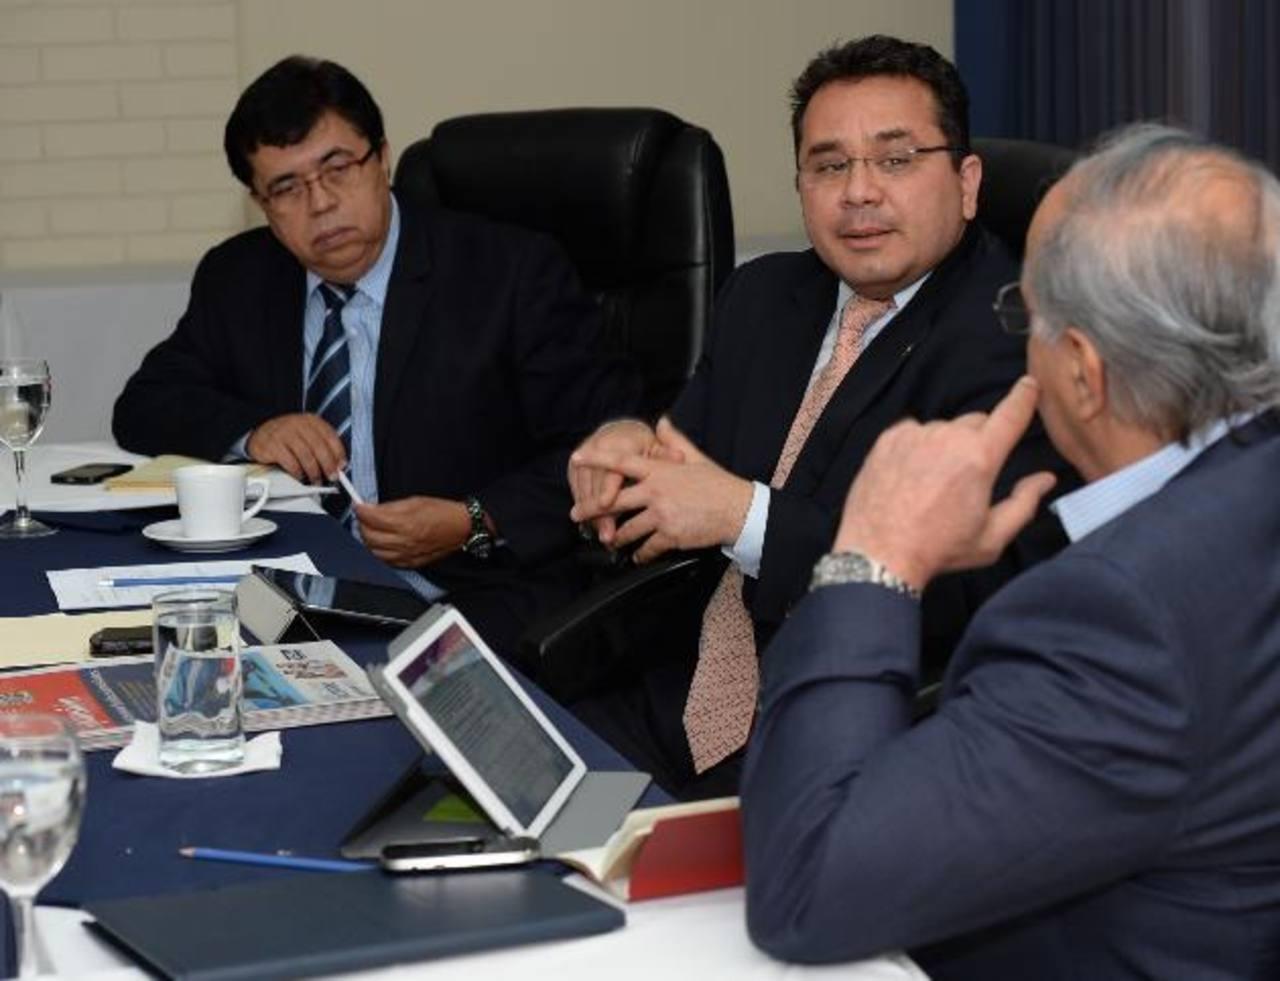 La empresa privada espera establecer un diálogo sincero y transparente, alejado de la actitud del presidente Mauricio Funes, que mantuvo una actitud hostil hacia el sector foto EDH / archivo